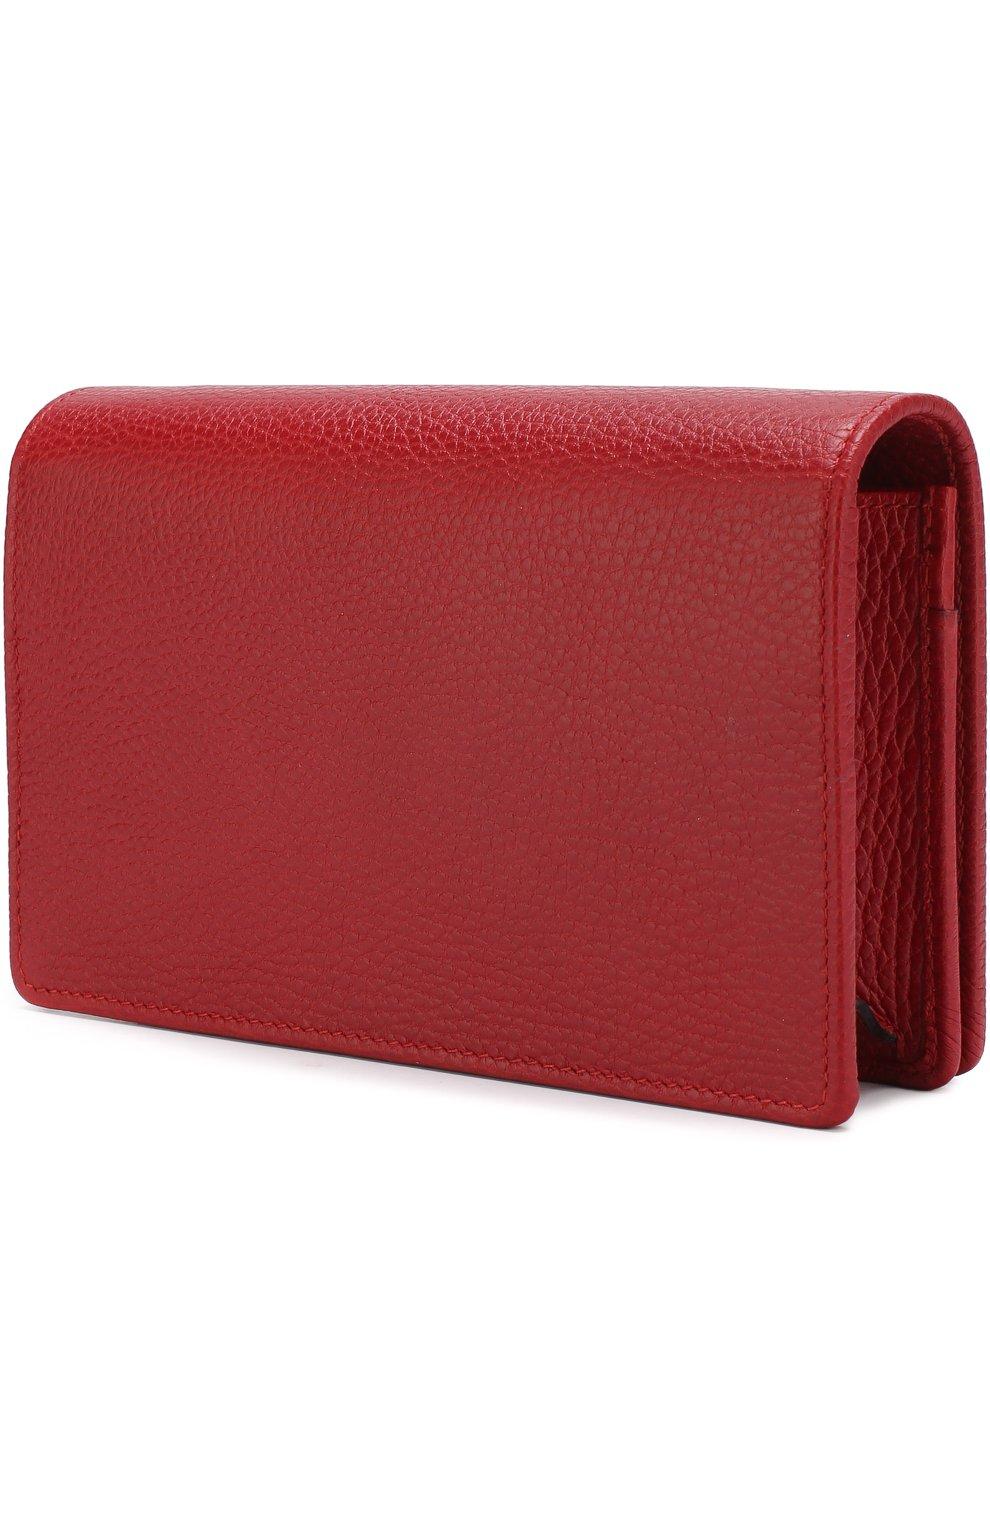 Женская сумка gg marmont mini GUCCI красного цвета, арт. 497985/CA00G | Фото 3